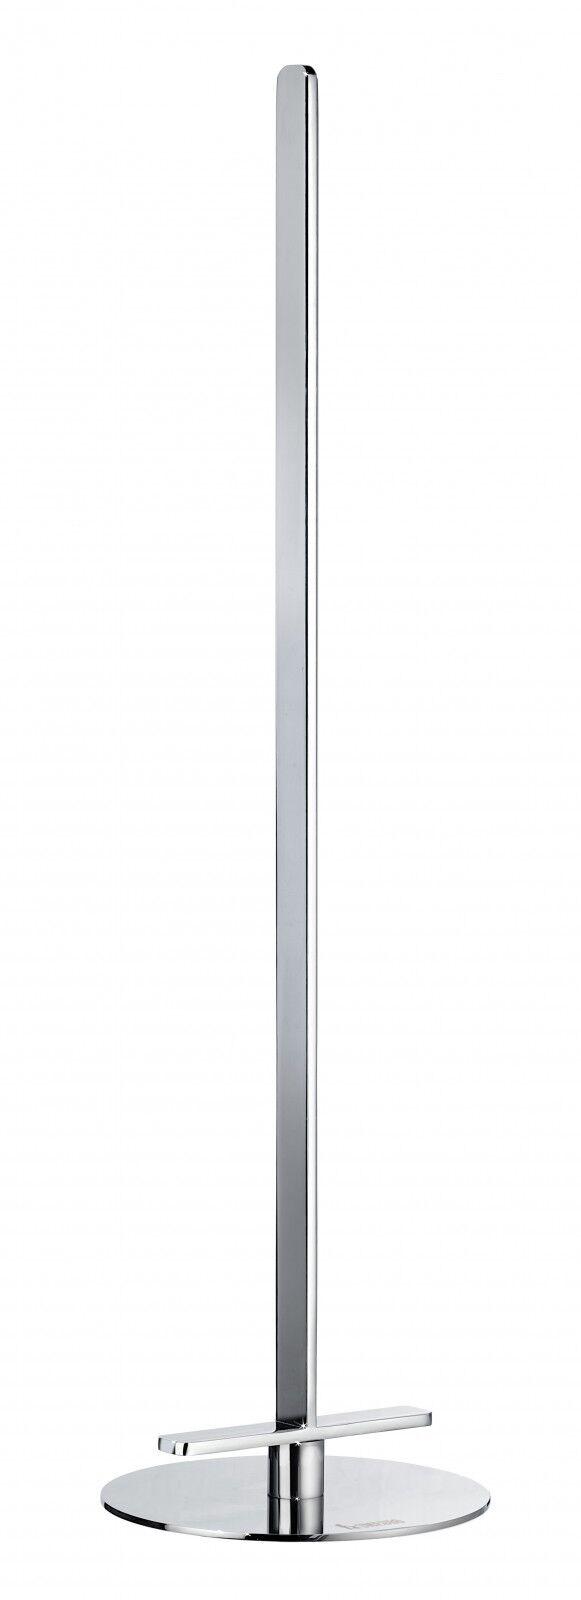 SMEDBO Ersatz-Toilettenpapierhalter OUTLINE Rollenhalter für 3 Rollen FK313